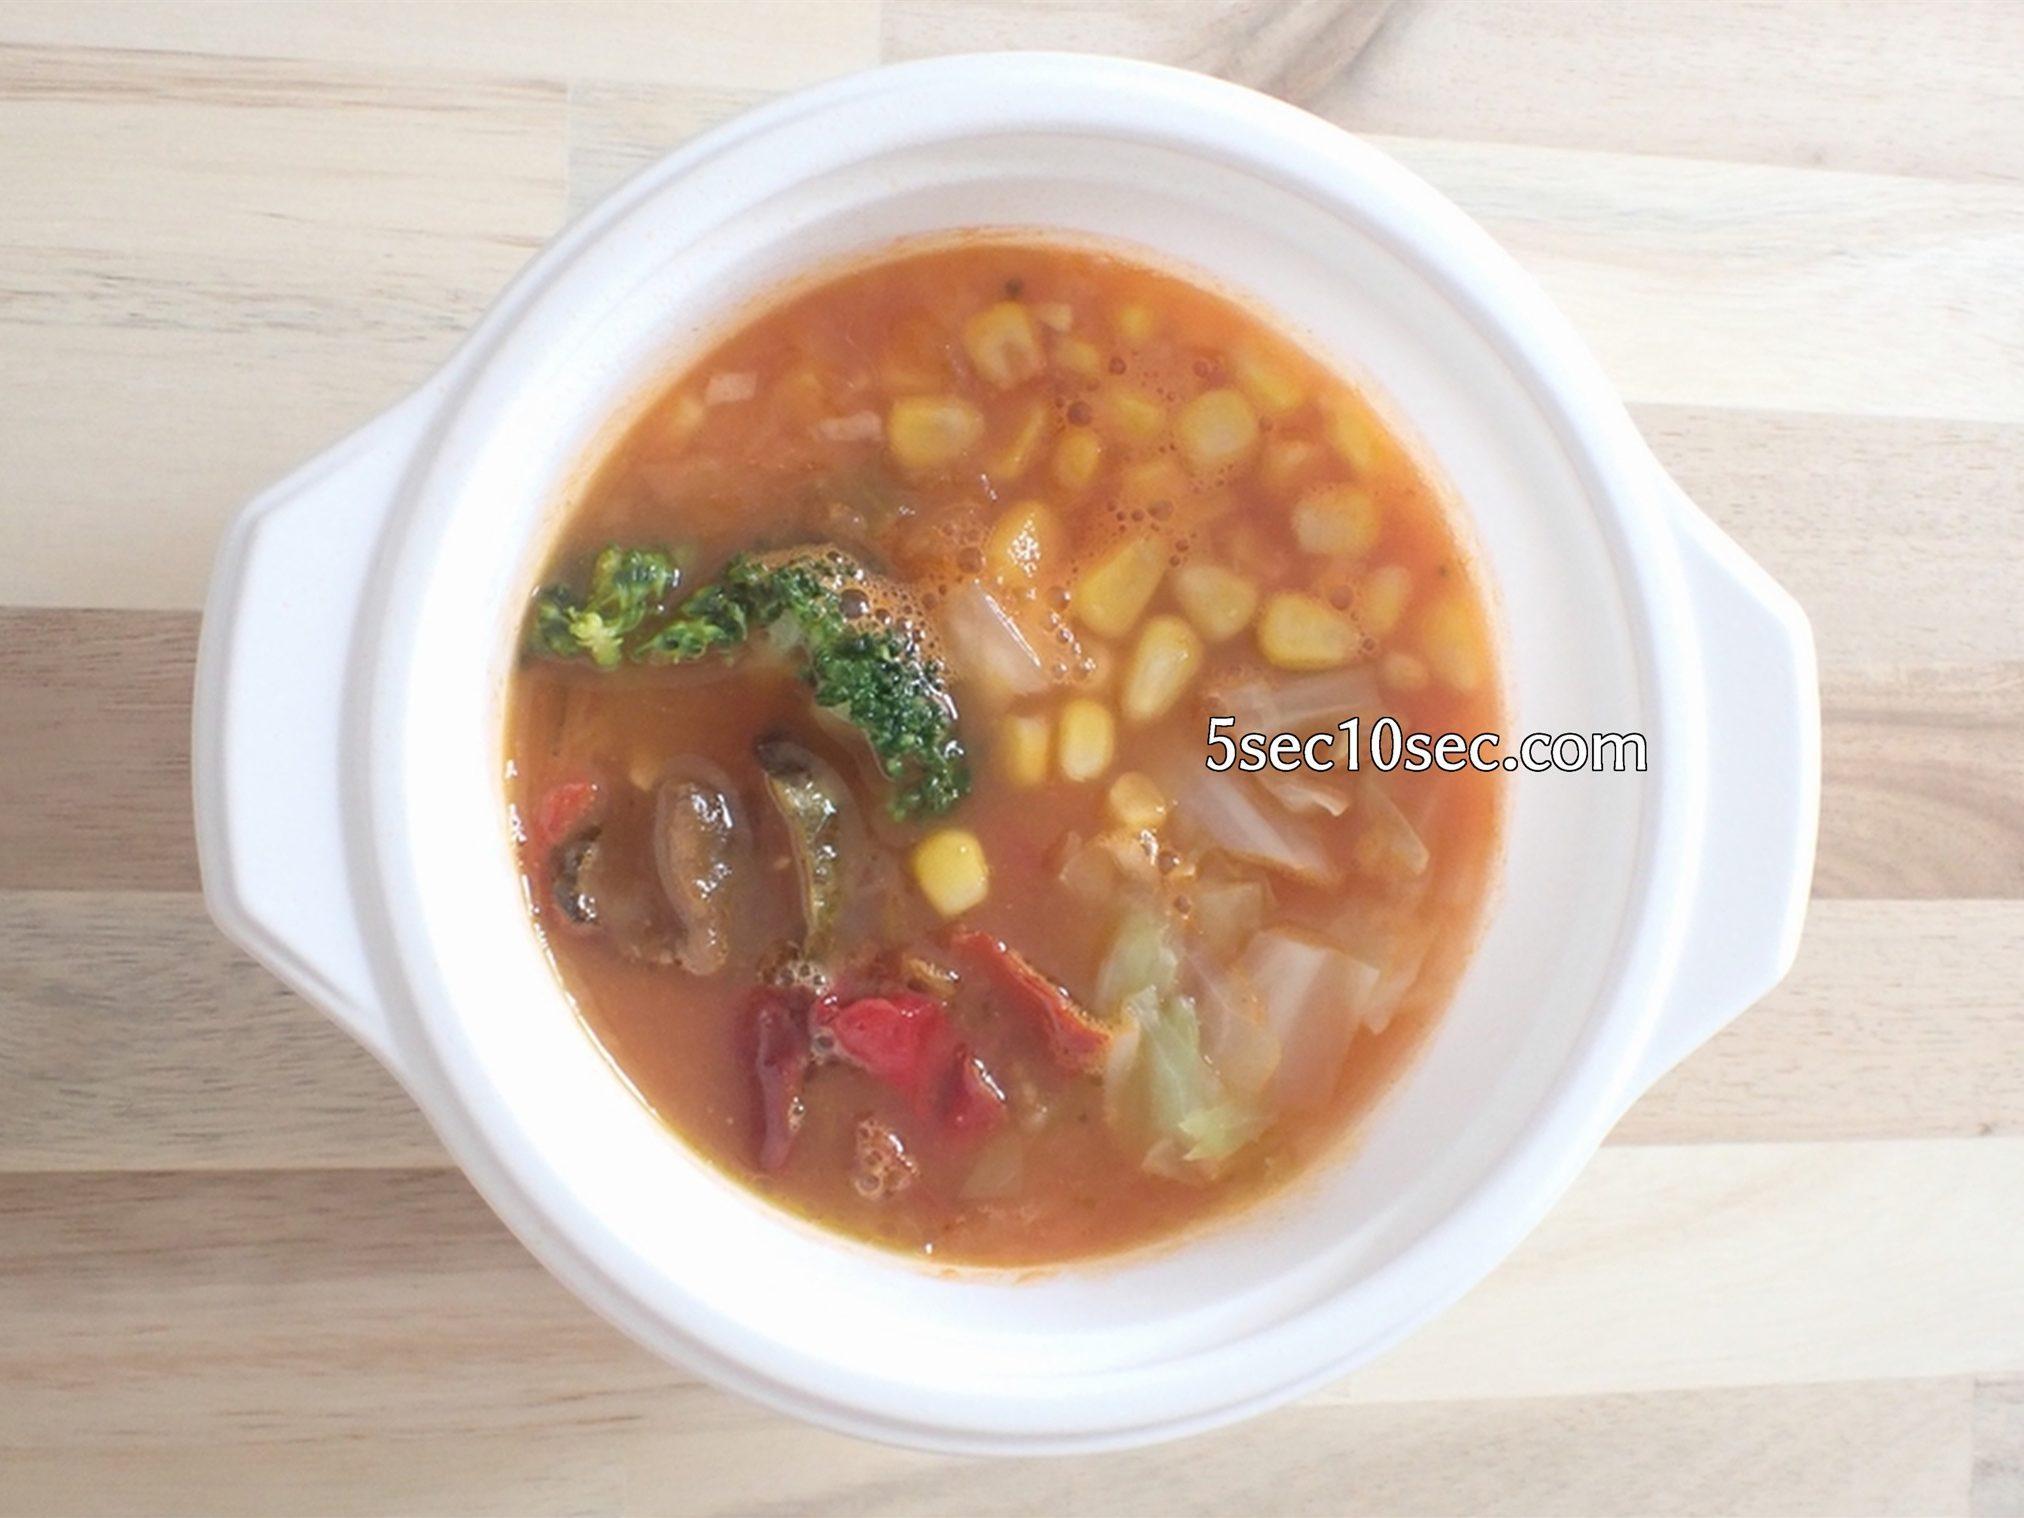 冷凍宅食 ウェルネスダイニング ベジ活スープ食 ミネストローネ 電子レンジで解凍後の写真